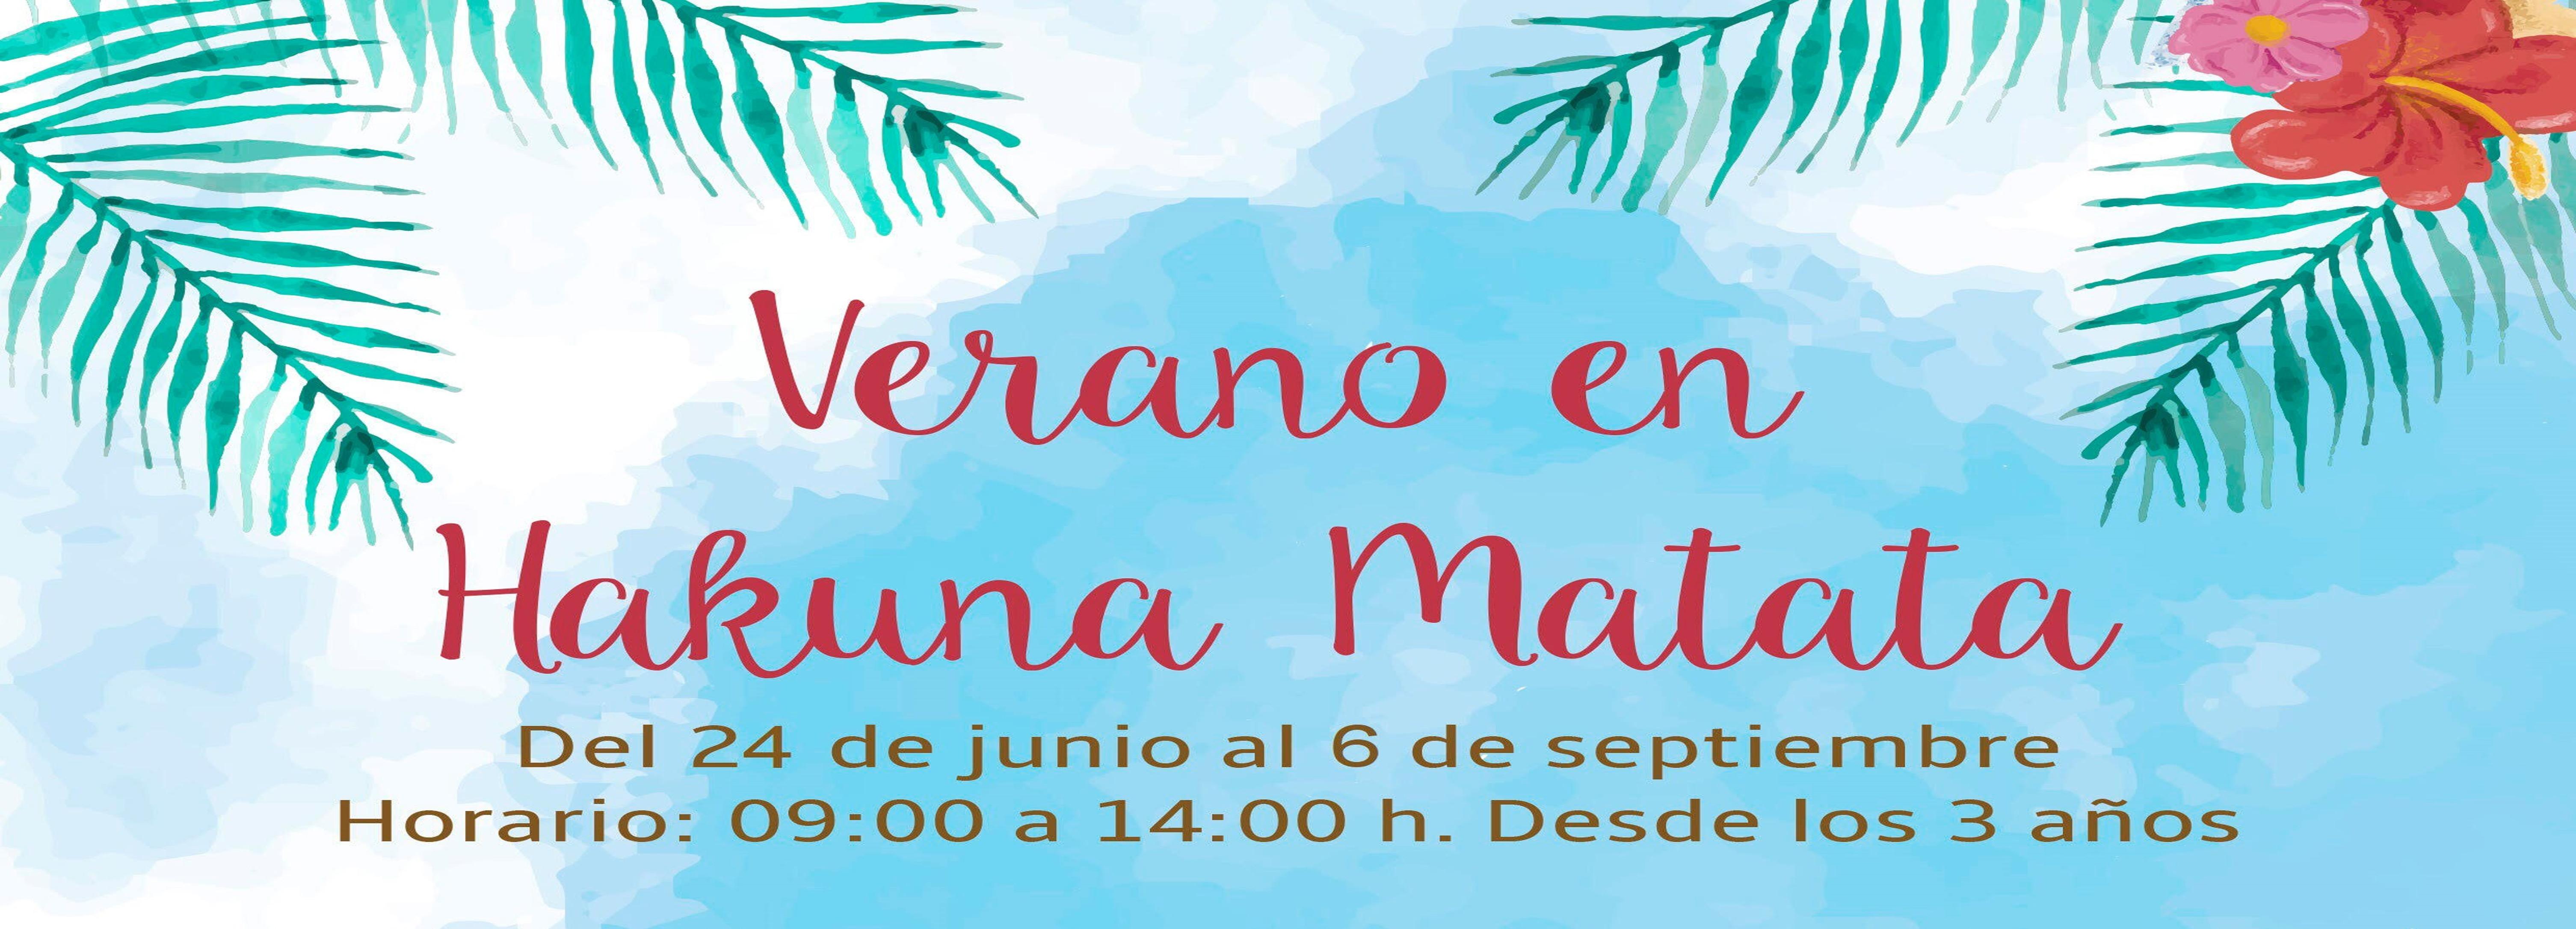 Guardería Hakuna Matata